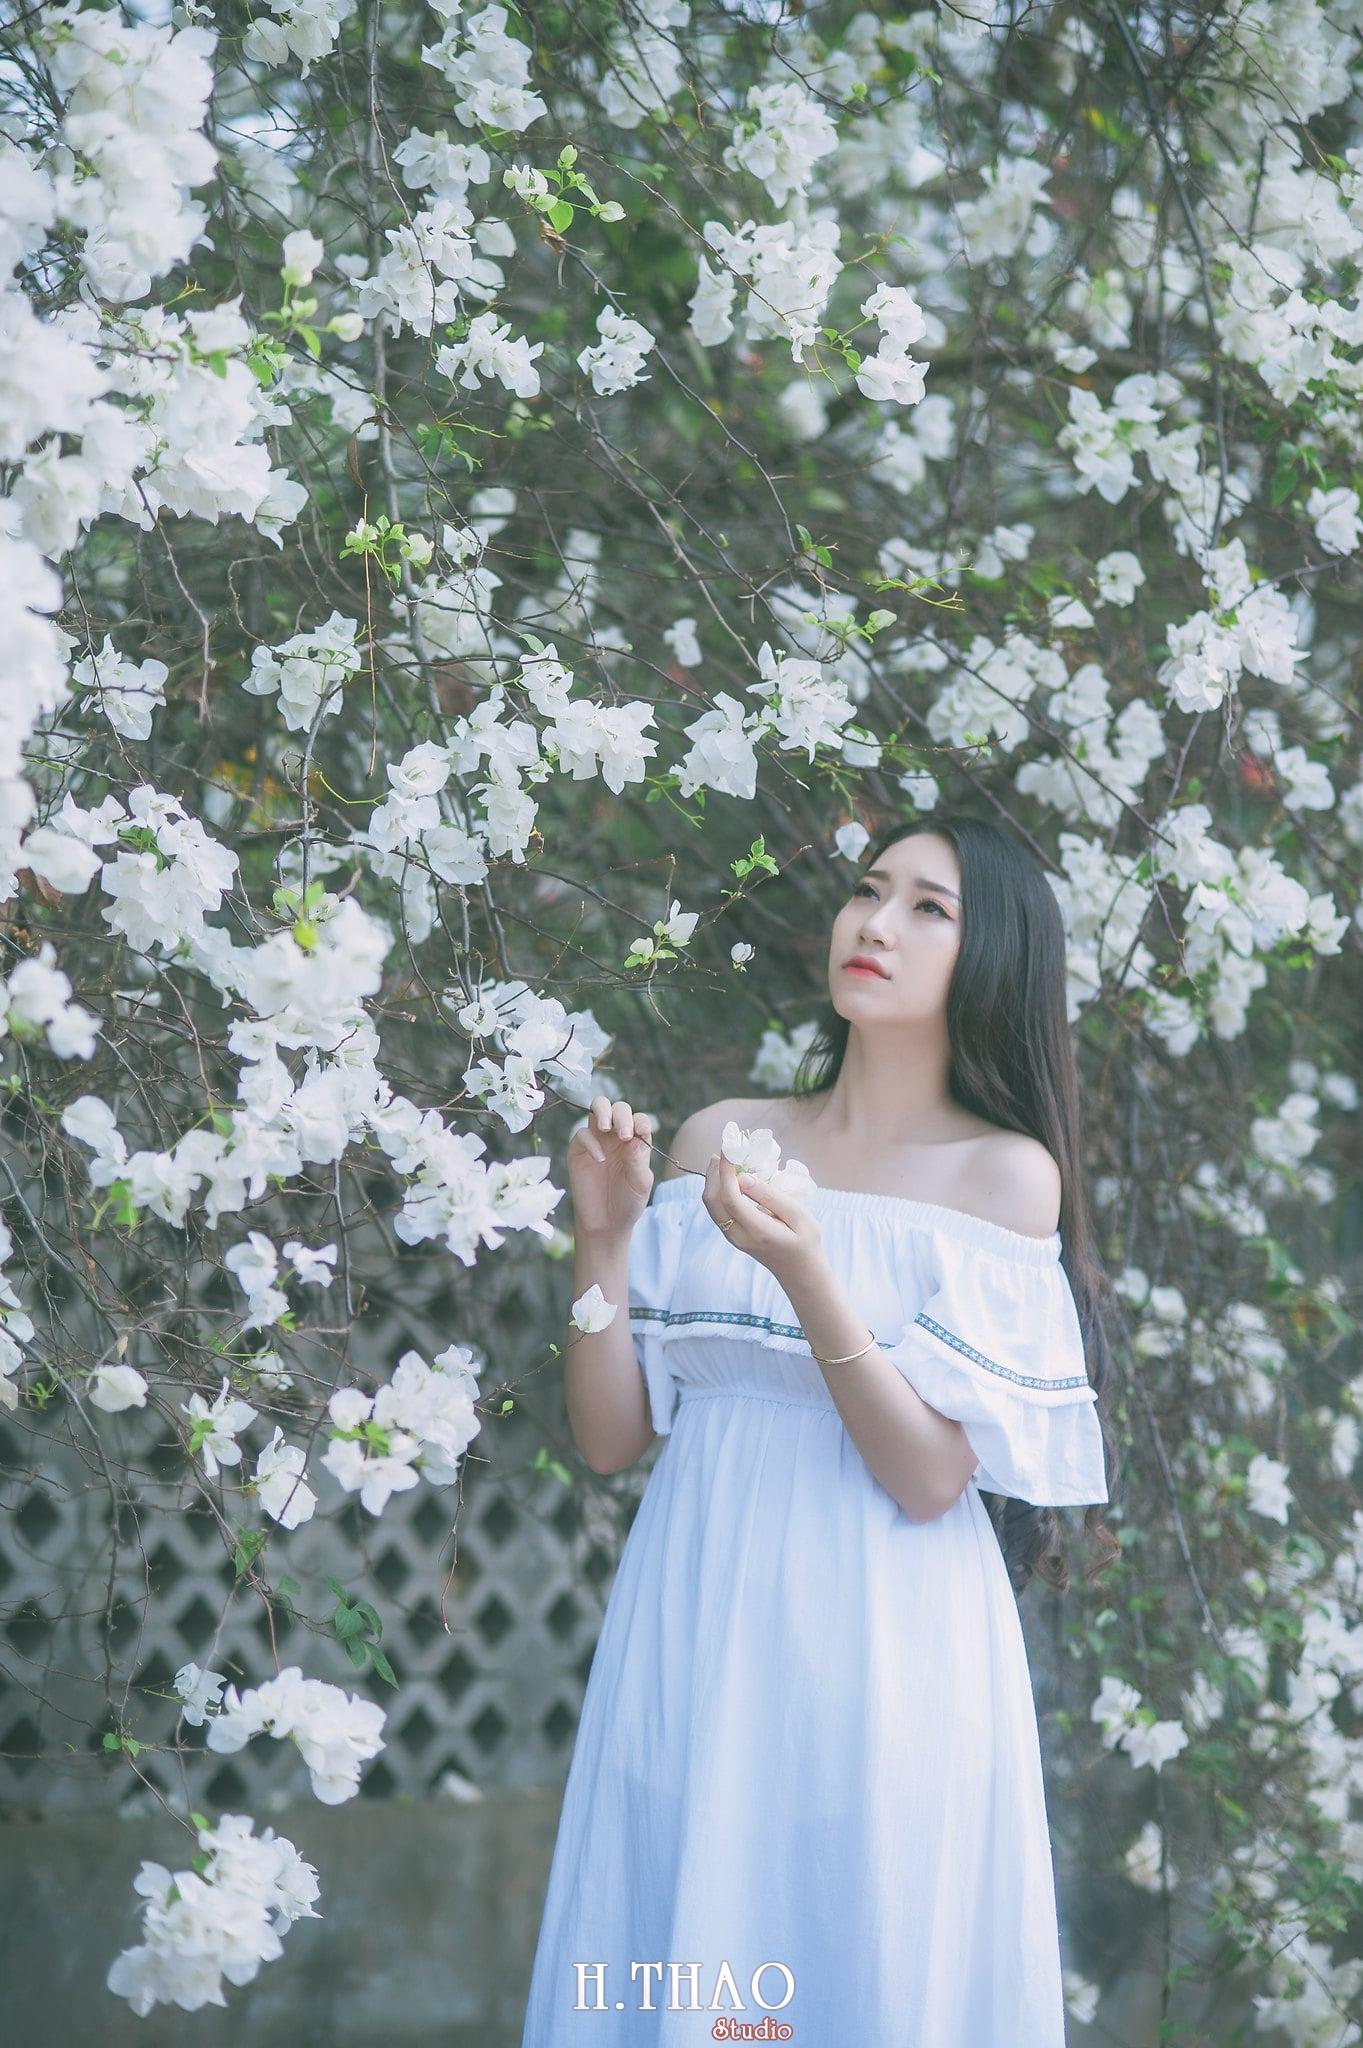 chụp ảnh với hoa giấy quận 2